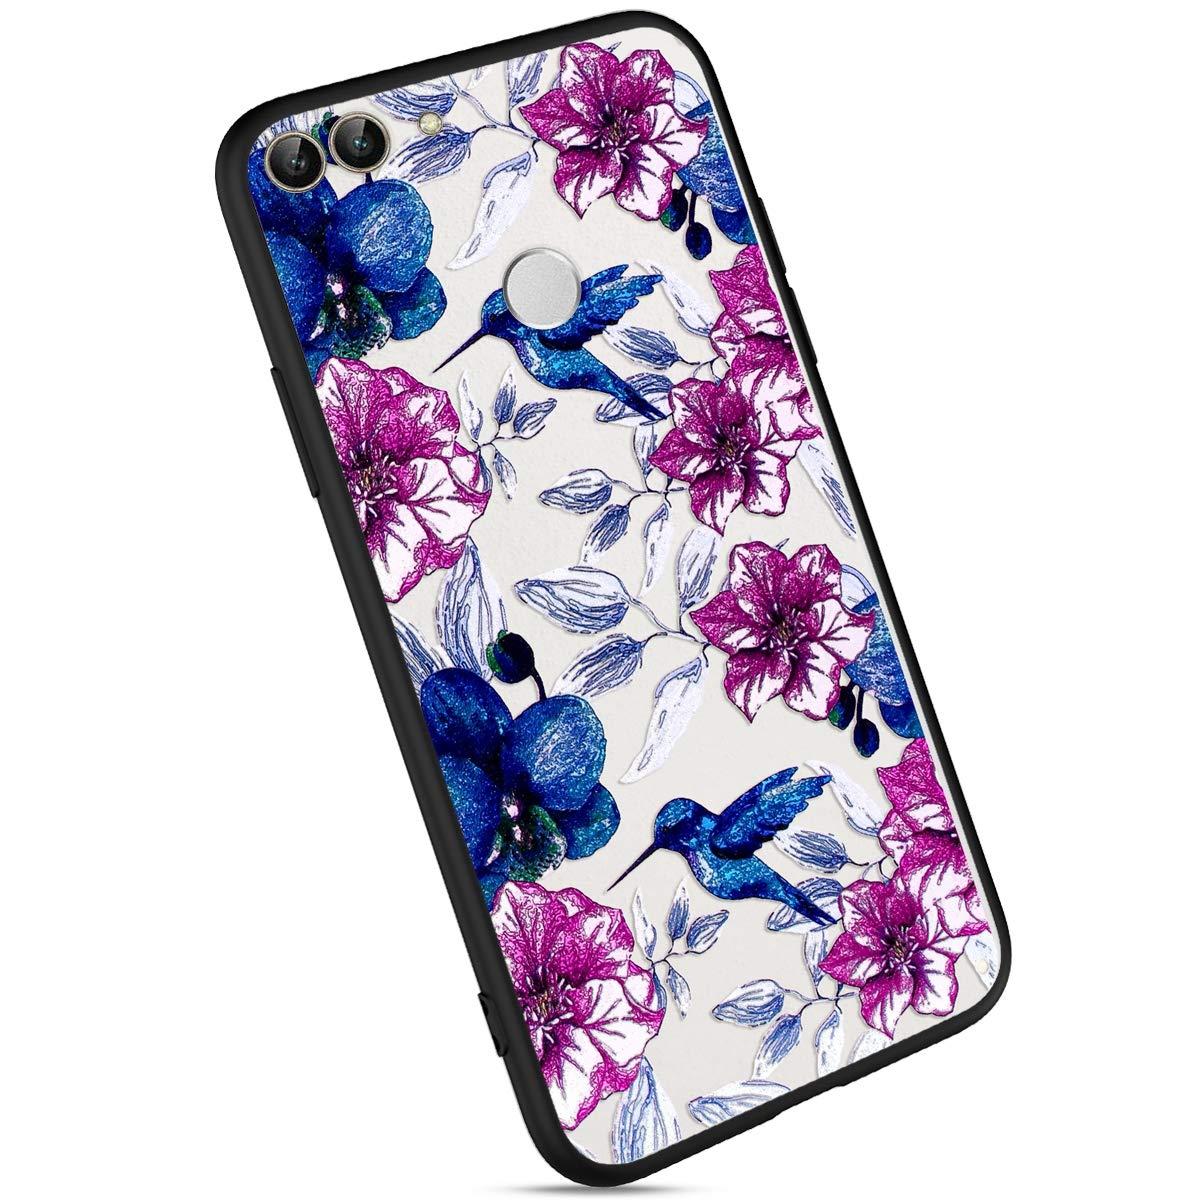 Ysimee Coque Huawei P Smart/Enjoy 7S, É tui Motif de Fleurs Floral Plastique Dur Housse de Protection Bord en Silicone Noir Opaque Anti-Rayures Ultra Mince et Lé ger Coque pour Huawei P Smart, Motif#1